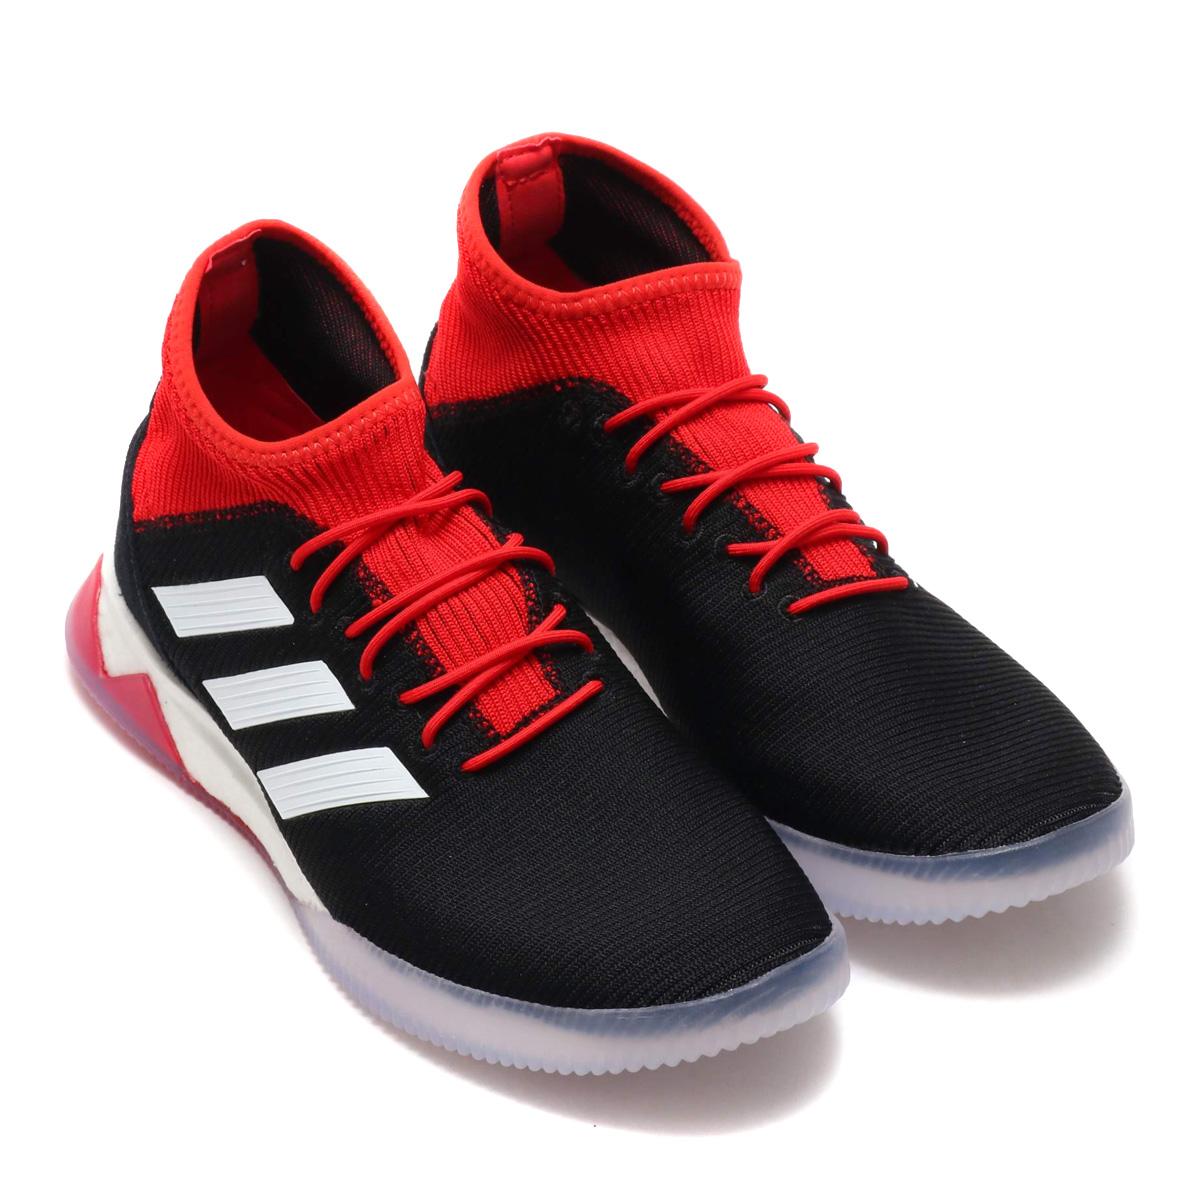 adidas PREDATOR TANGO 18.1 TR (Adidas predator tango 18.1 TR) CORE  BLACK RUNNING WHITE RED 18FW-I 929119efa23d8